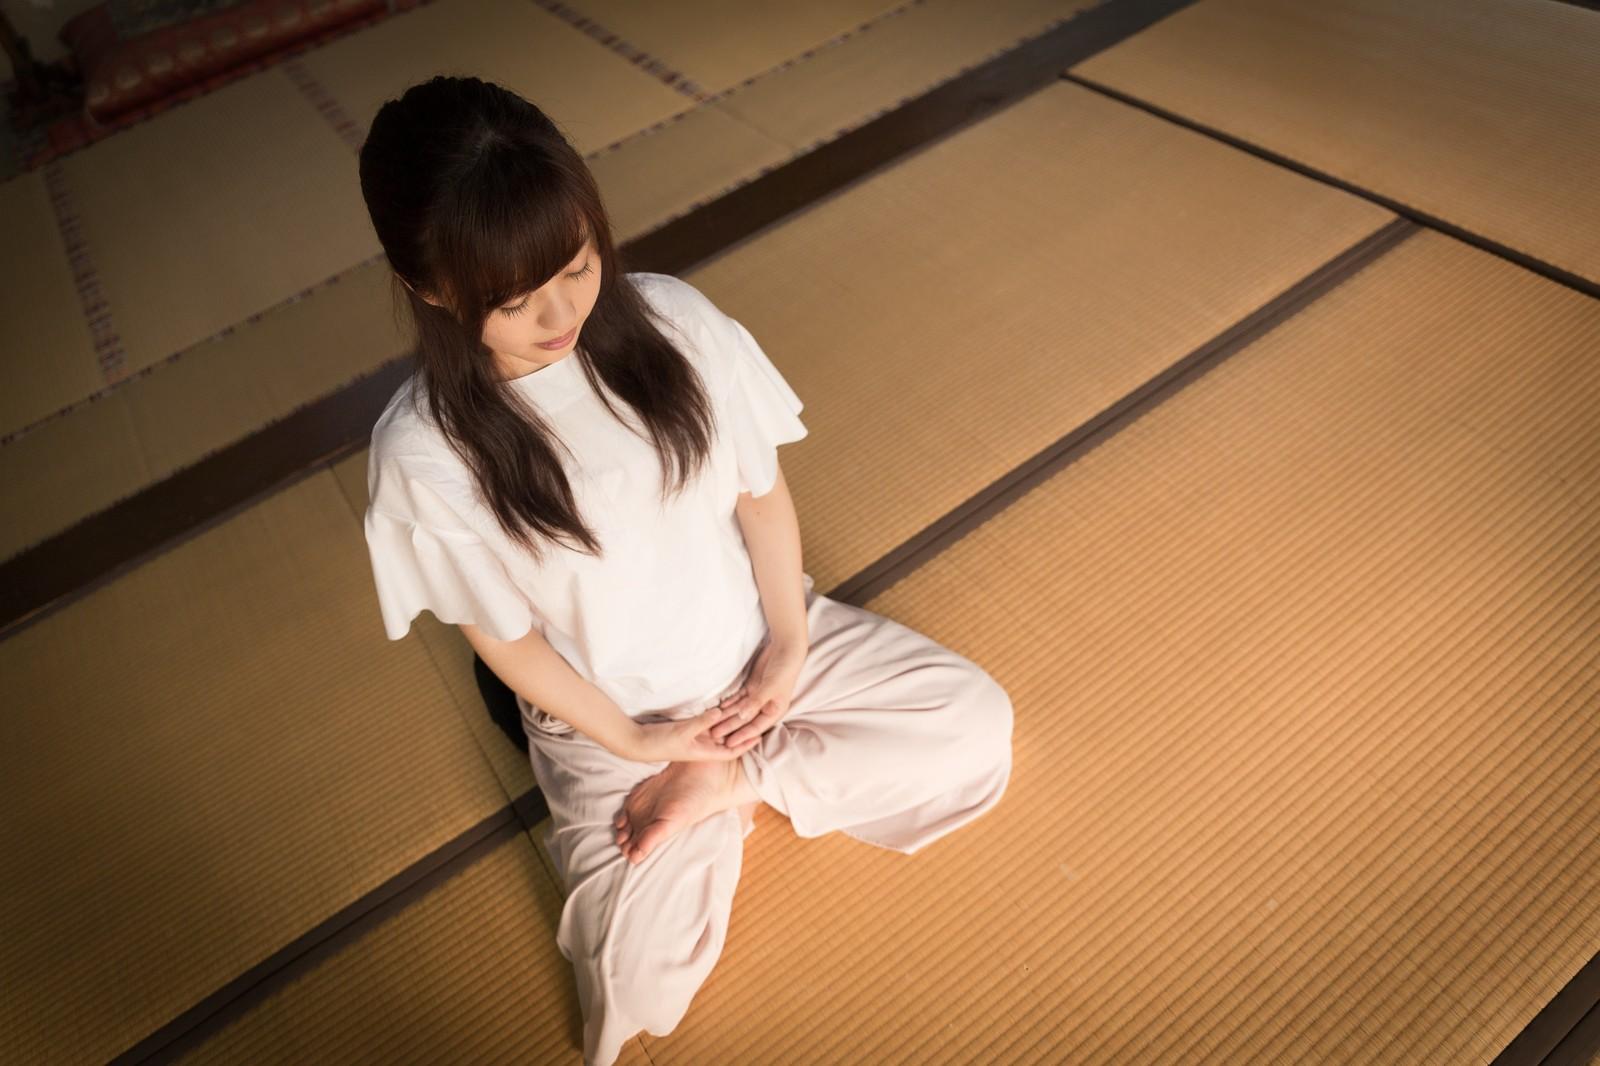 禅に学ぶ、苦しみを半分にする方法